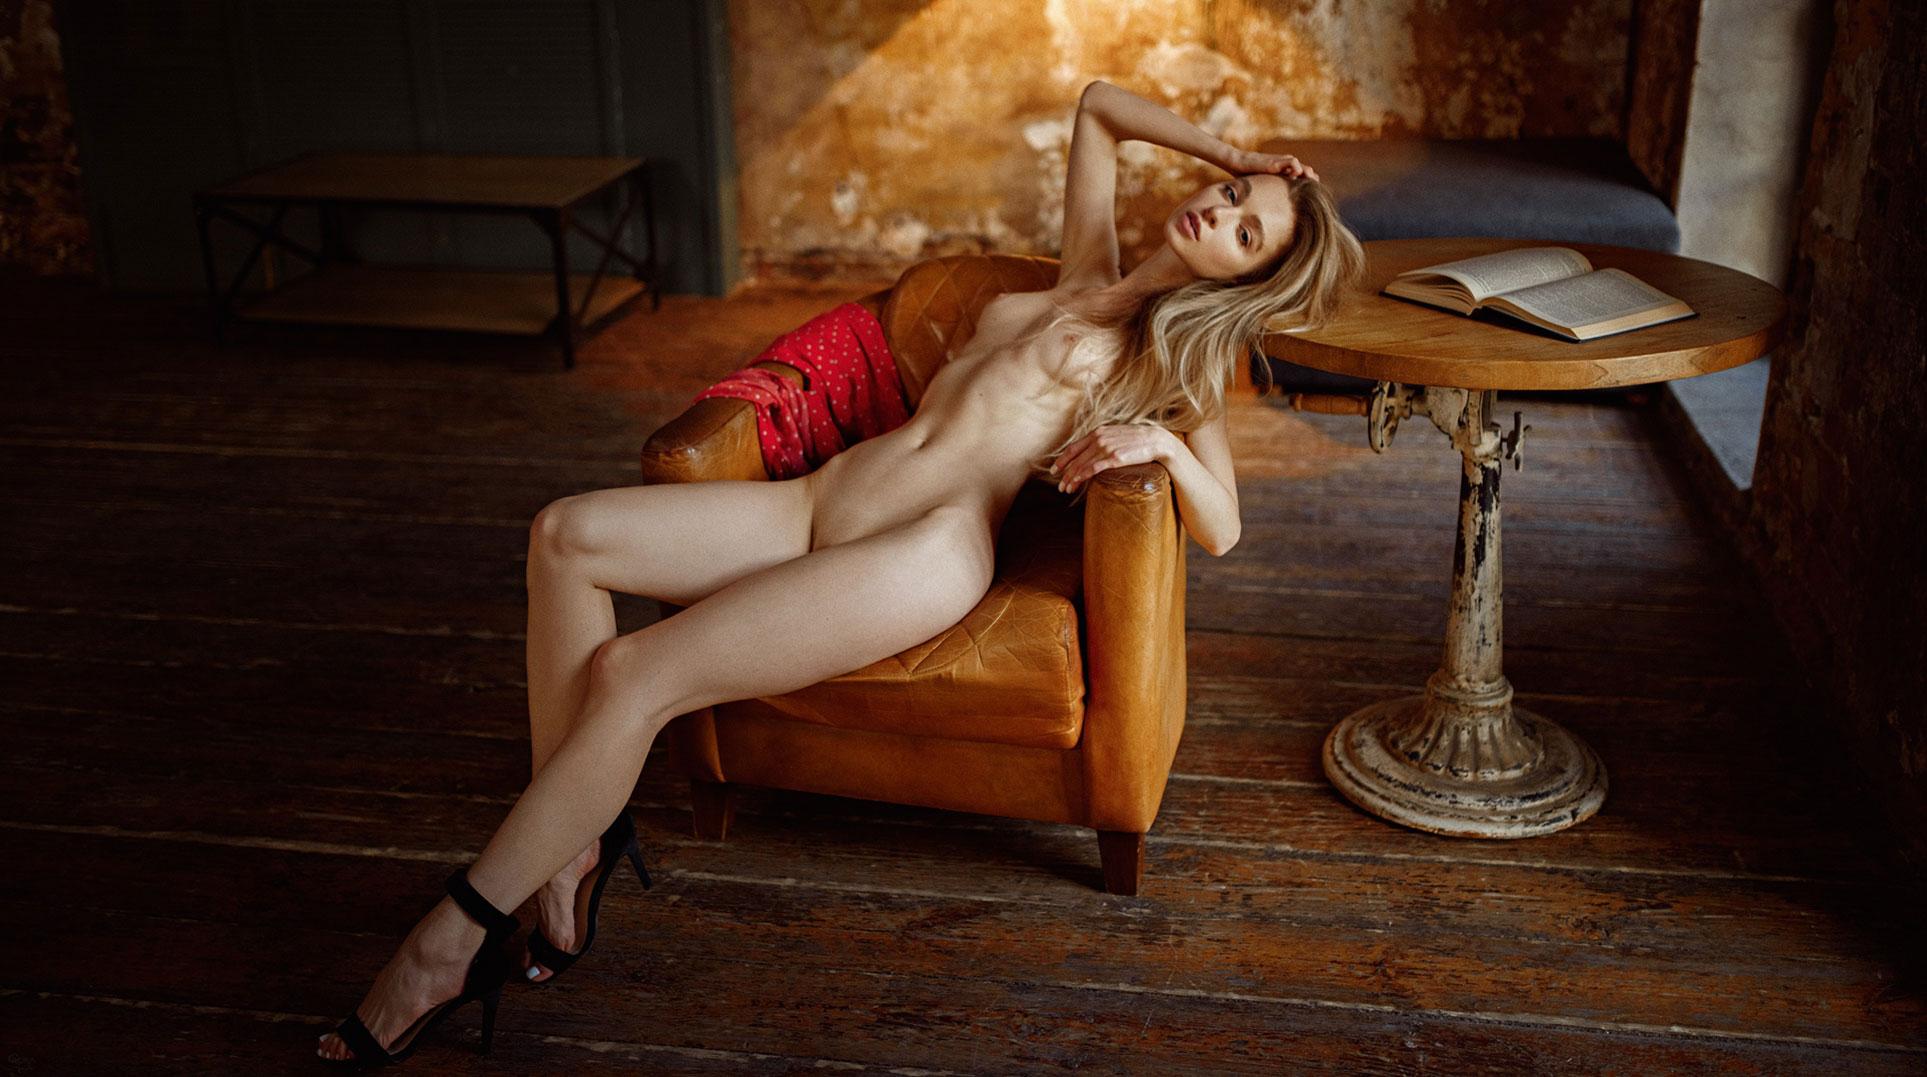 голая Анна Царалунга в уютной домашней обстановке / фото 07